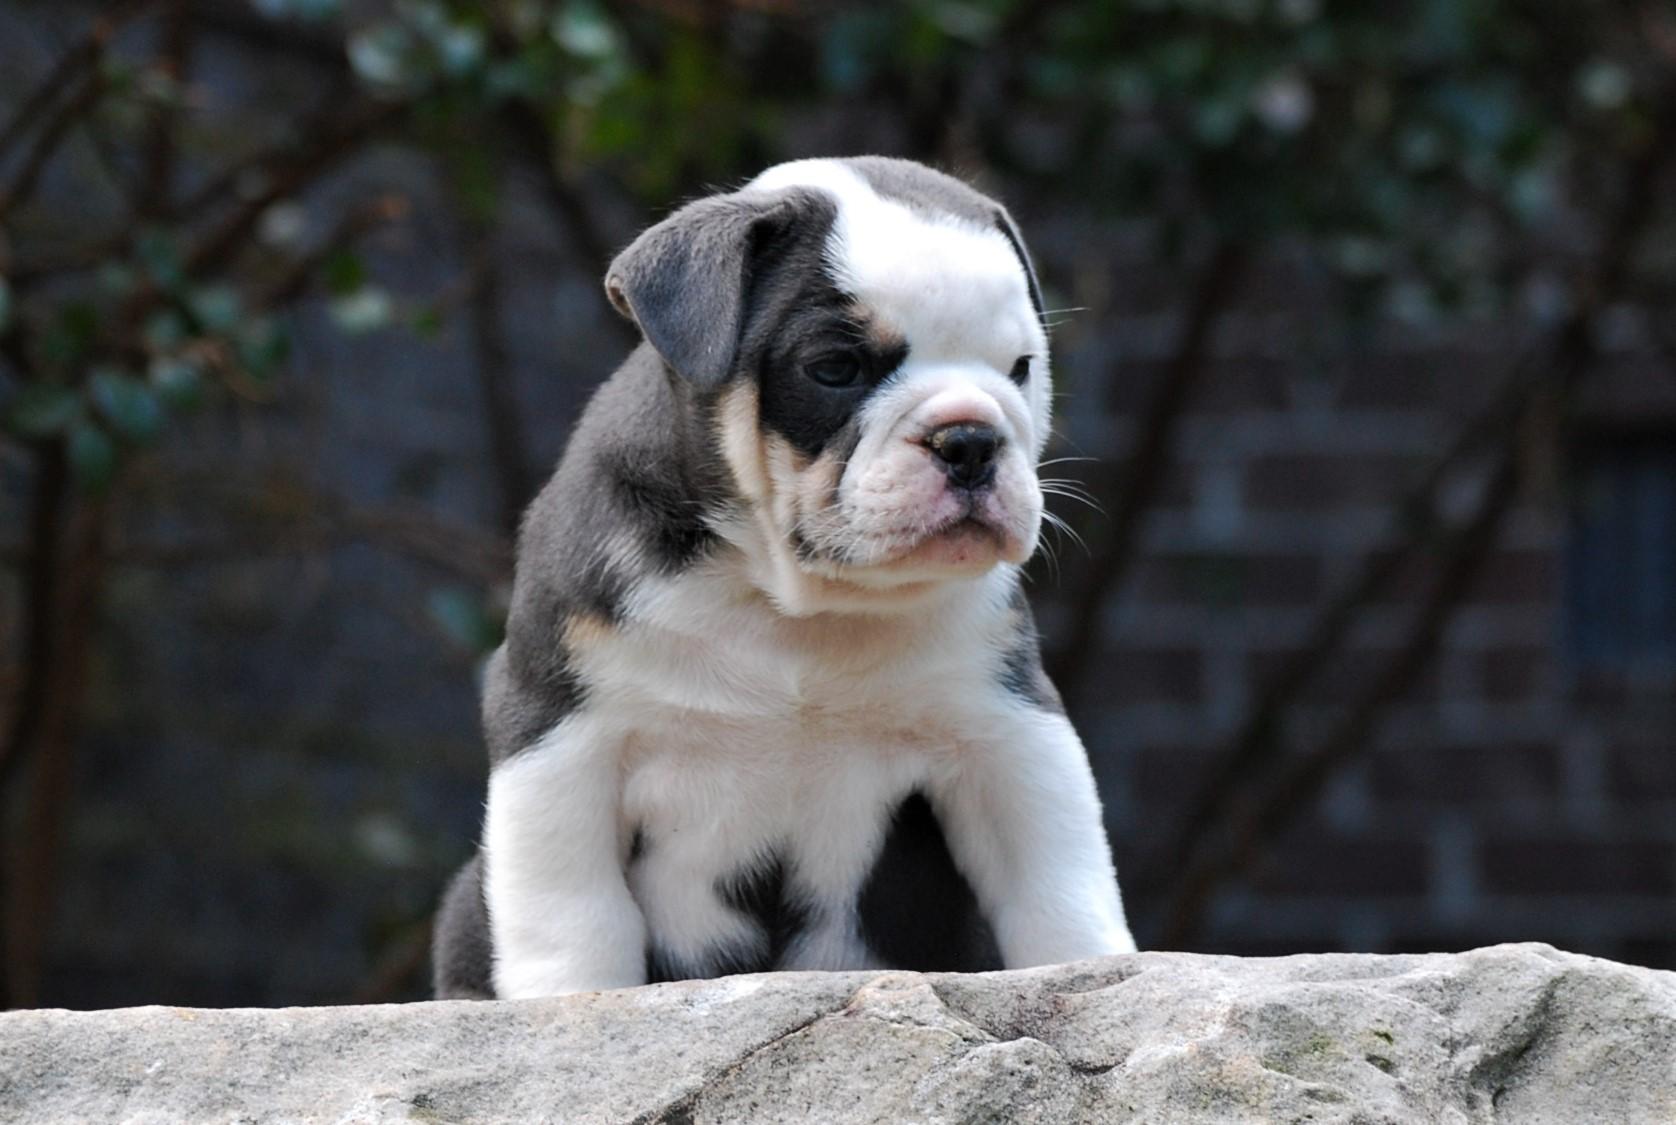 Reggie Olde English Bulldogge Puppy For Sale | Photo 2